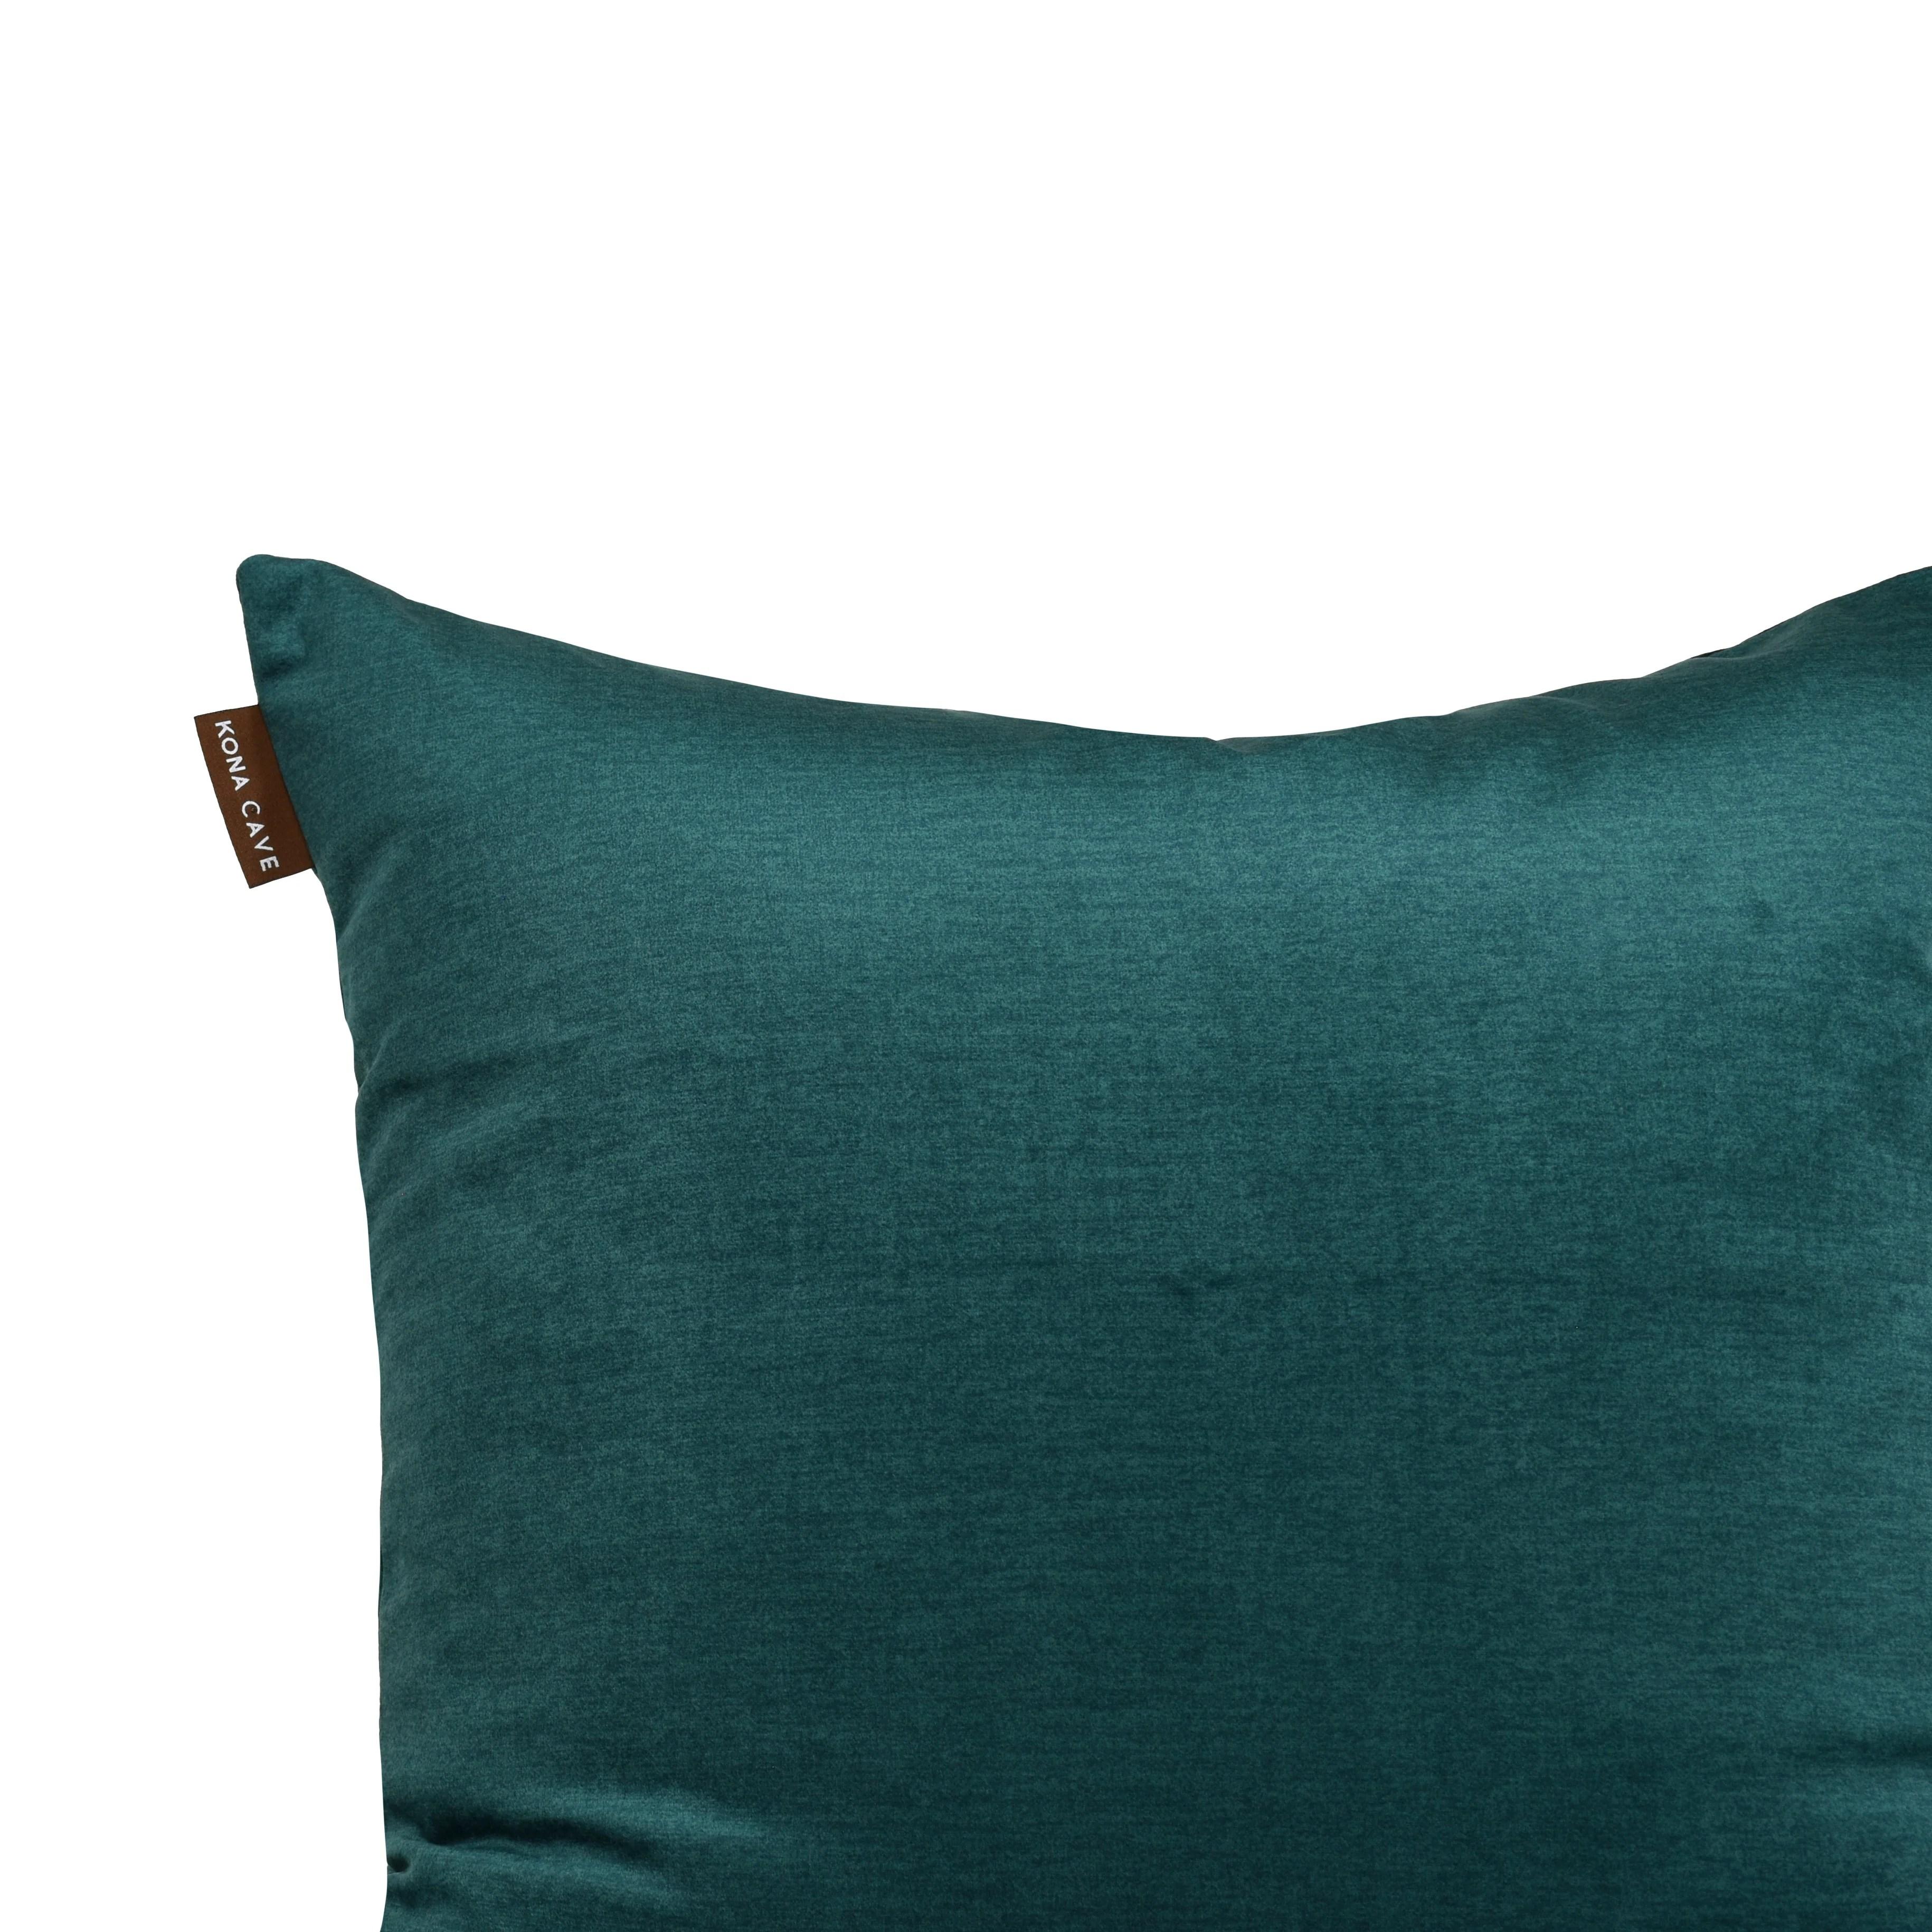 decorative pillow cover emerald green velvet